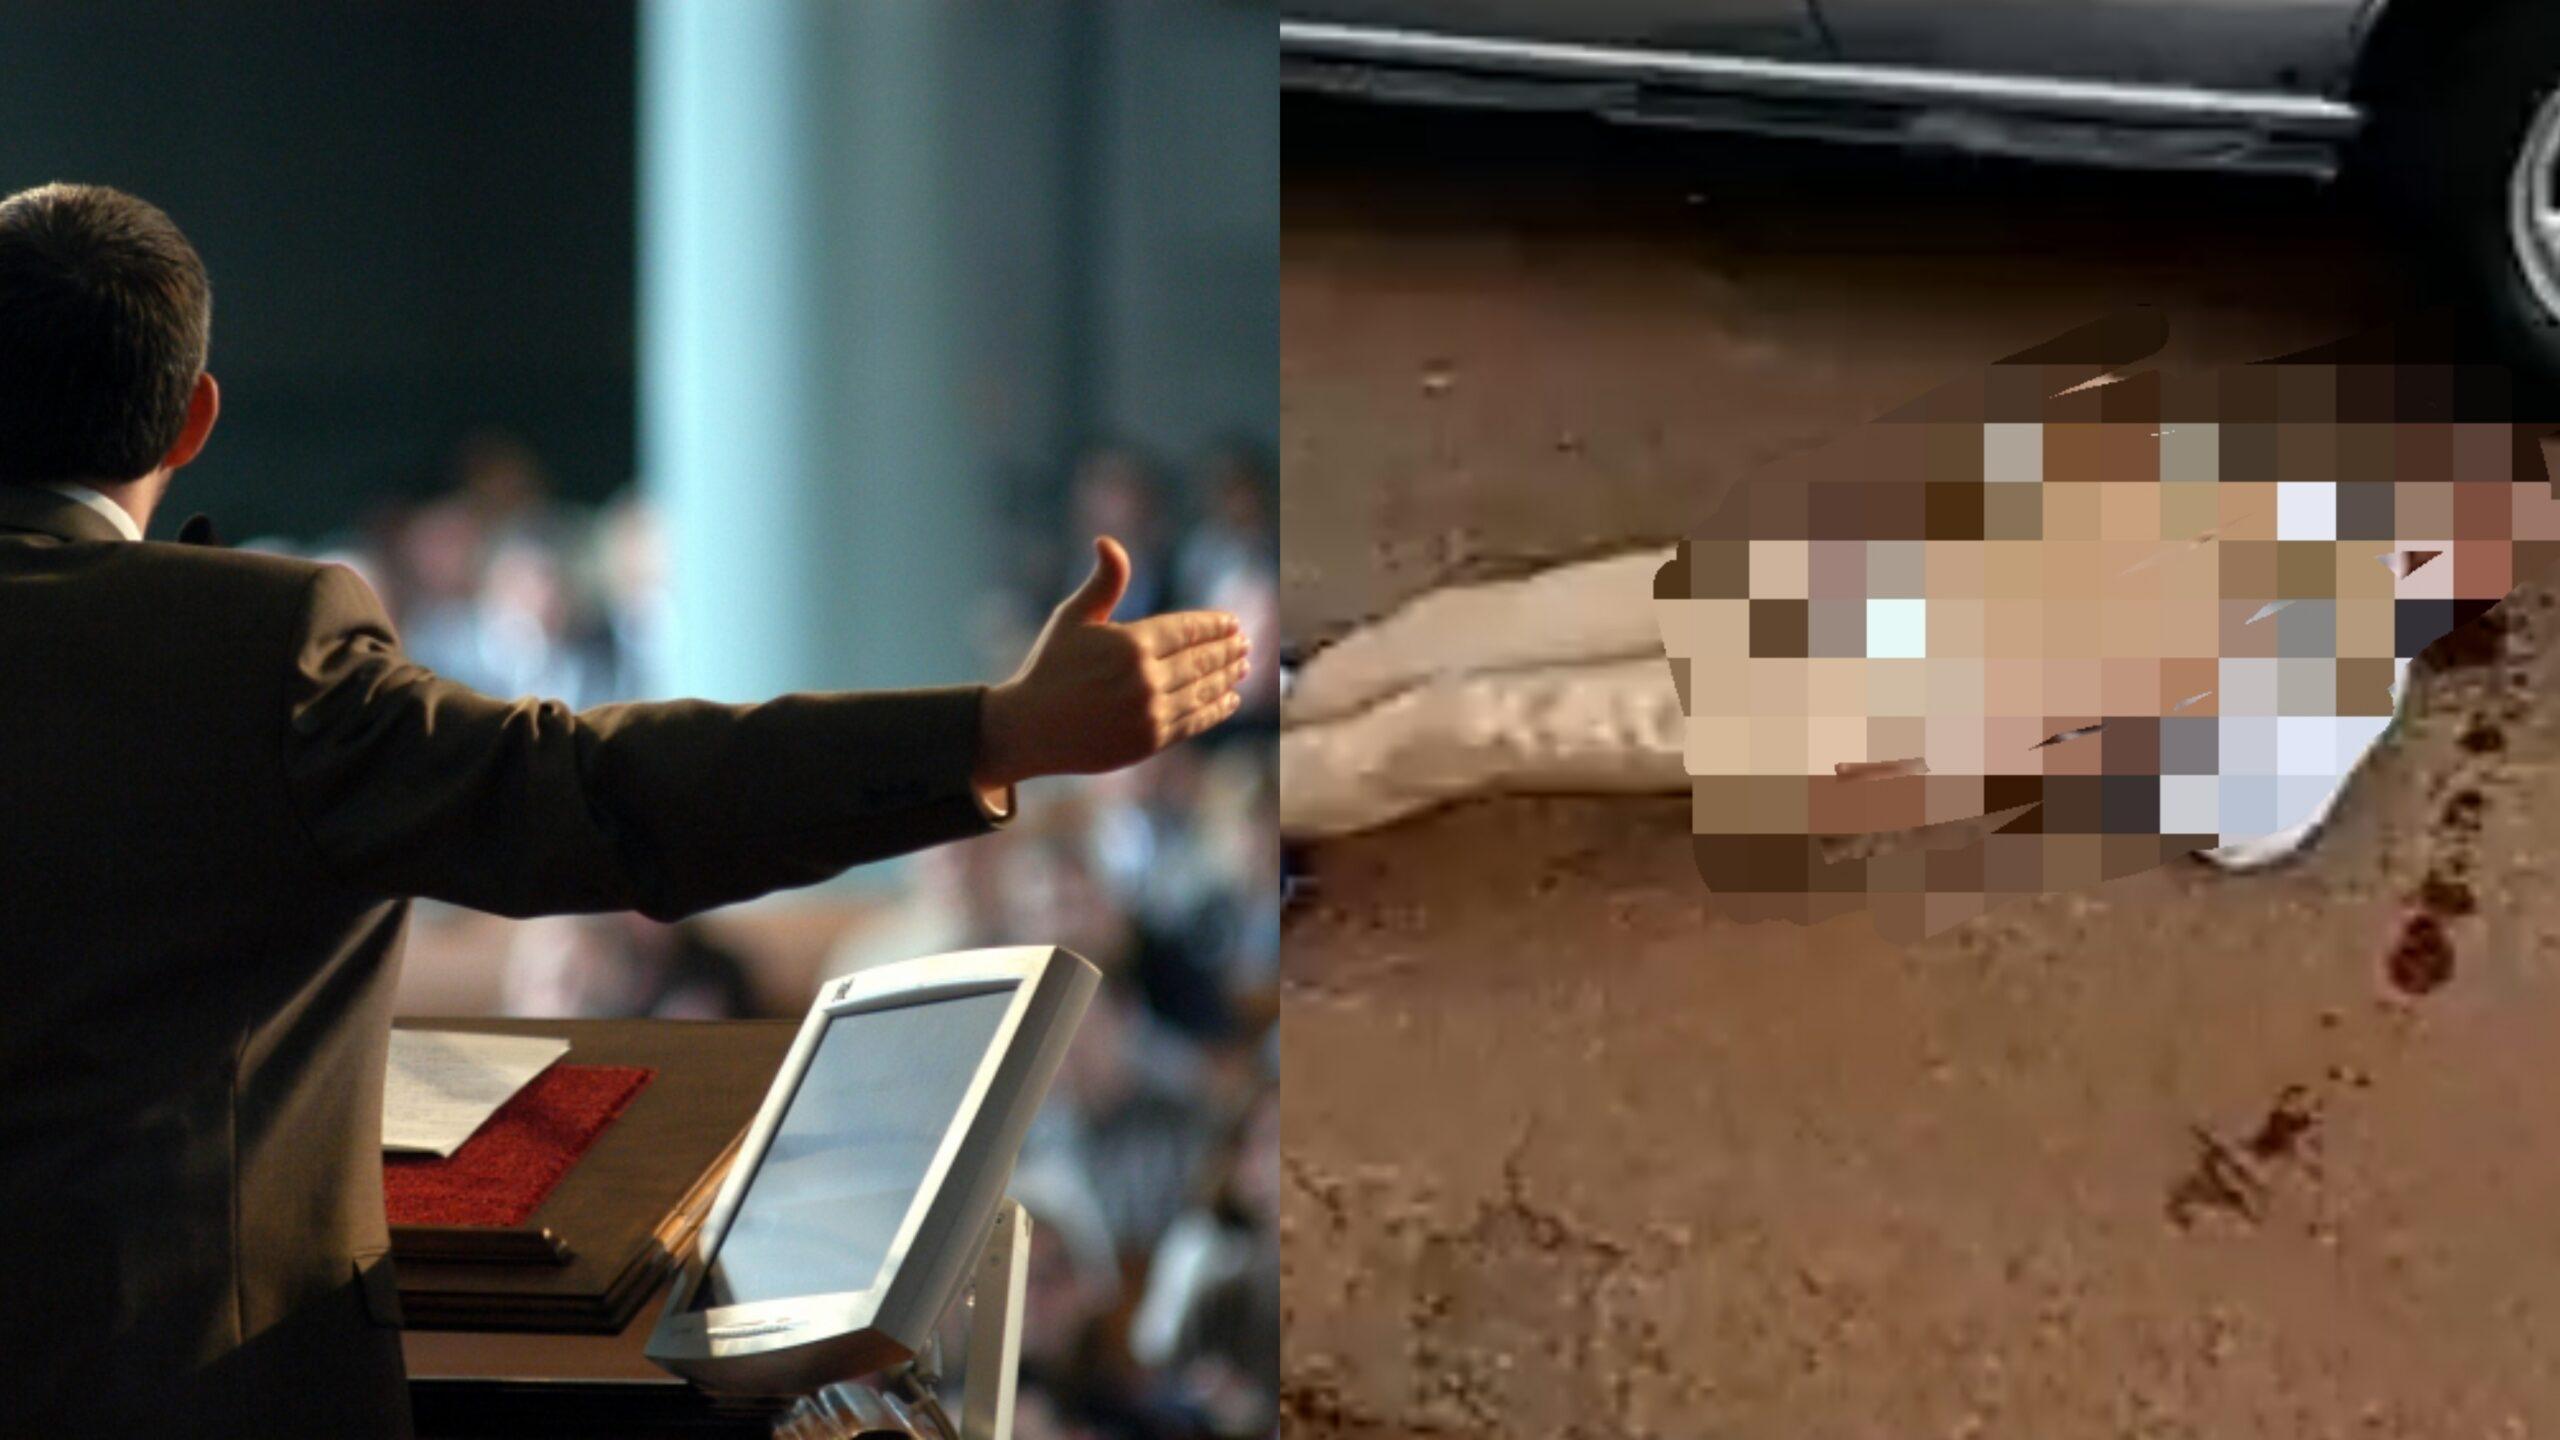 Vídeo: Pastor é flagrado se masturband0 vestido de calcinh4 dentro do carro e é brutalmente espancad0; Assista